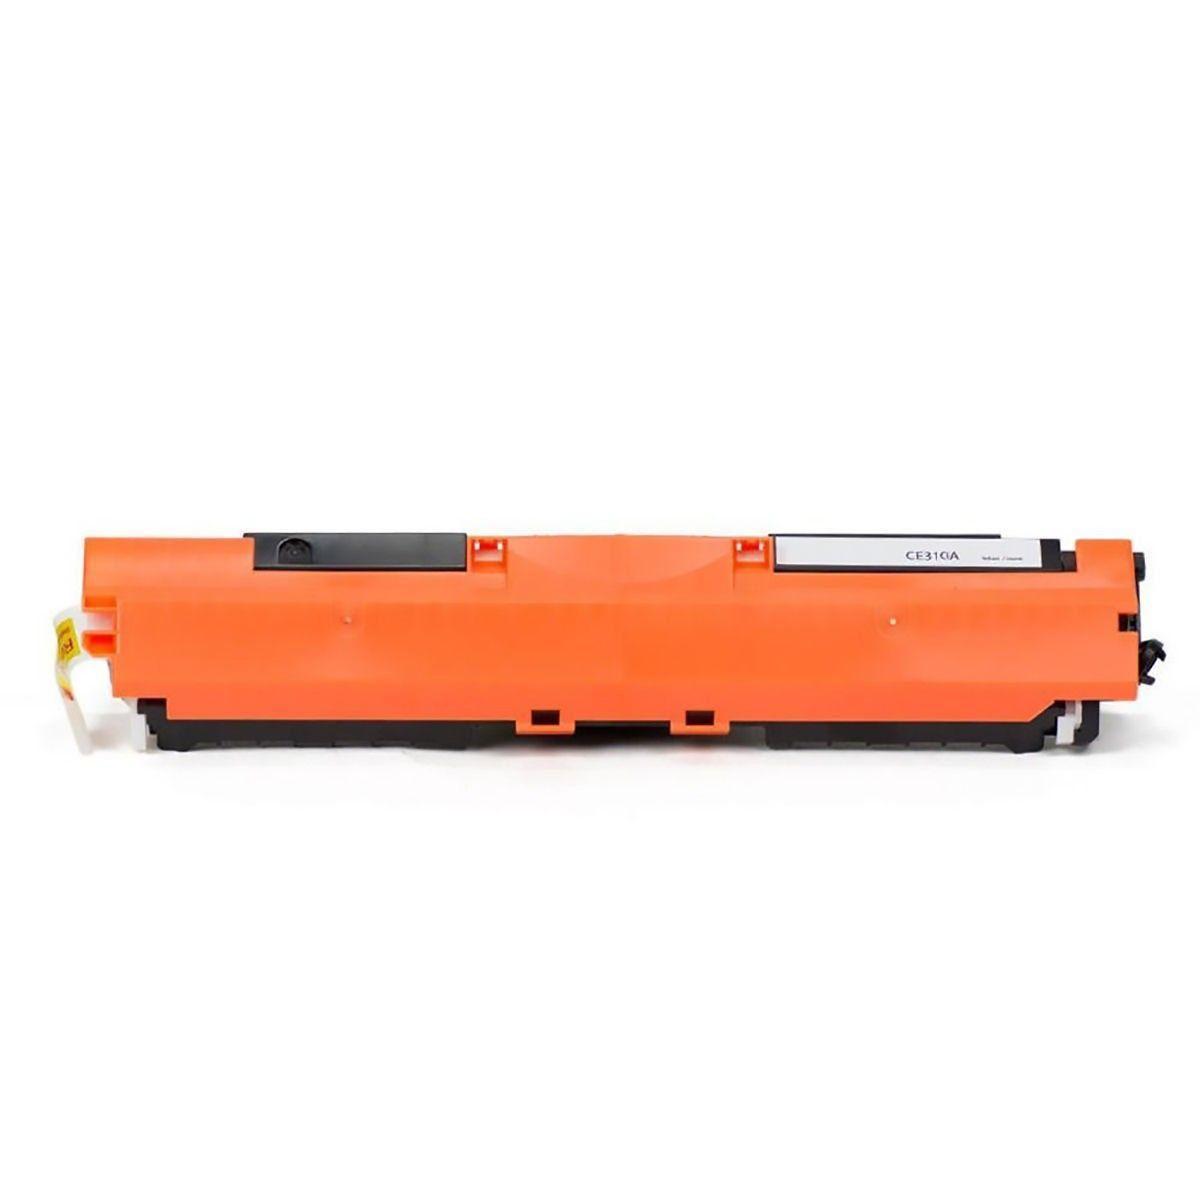 Compatível: Toner CE310A CF350A para HP M175a M175nw M176 M177fw M275nw CP1020 CP1025 CP1025nw 177fw / Preto / 1.200